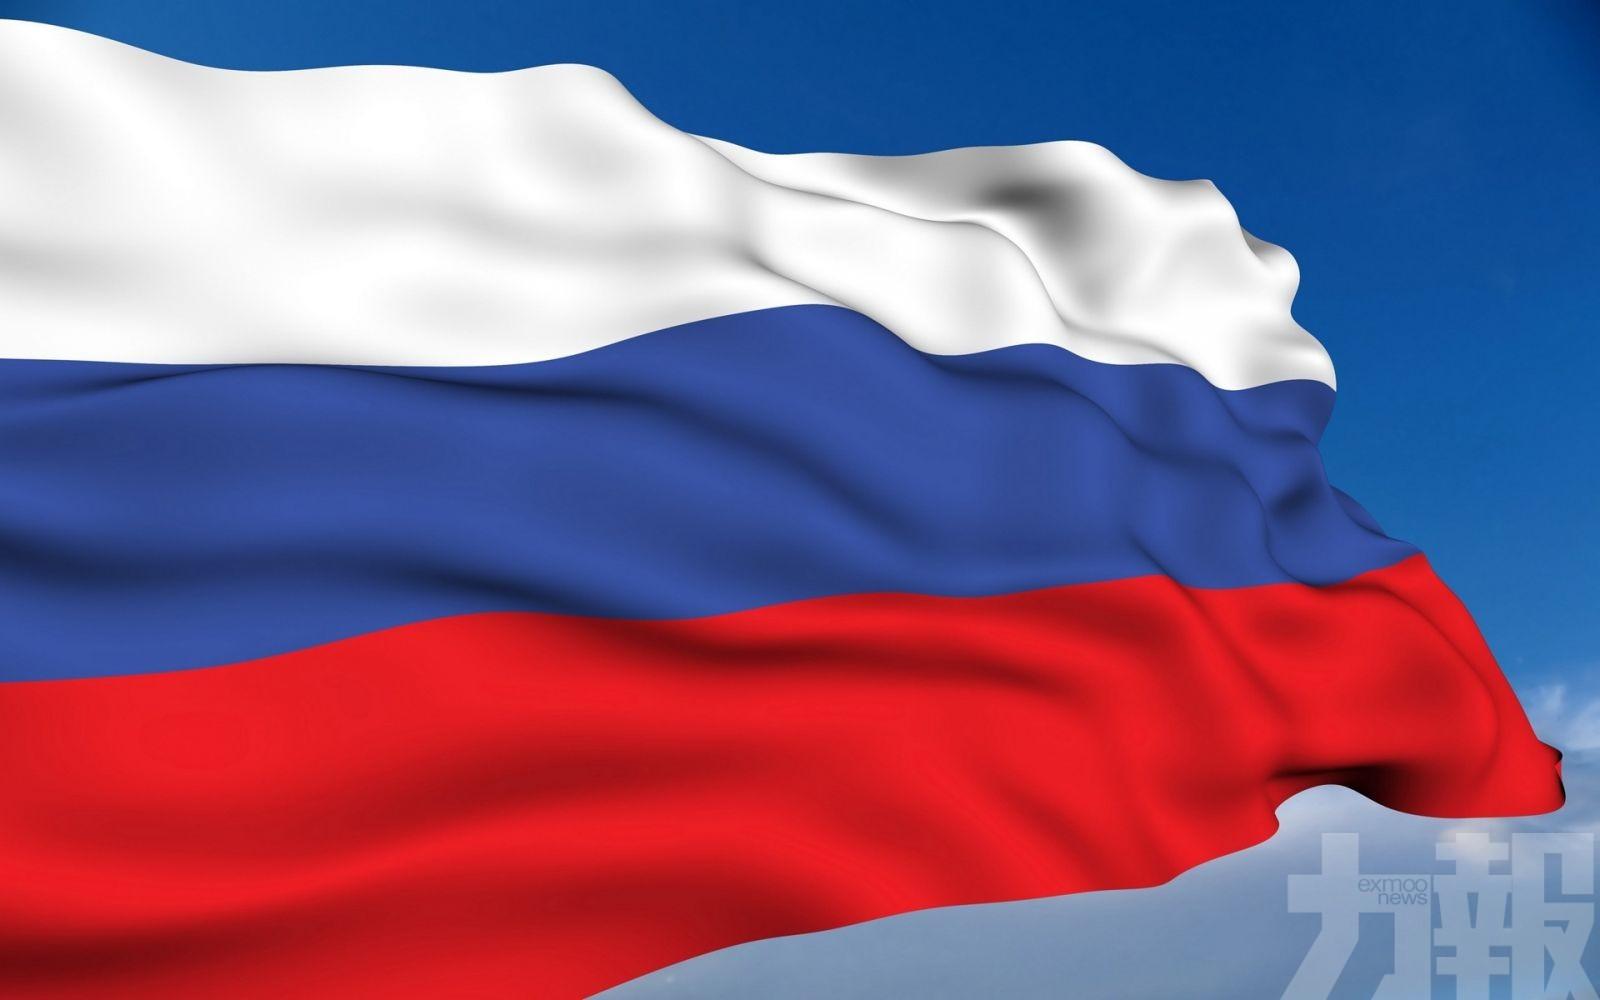 特朗普:應讓俄羅斯重返變回G8